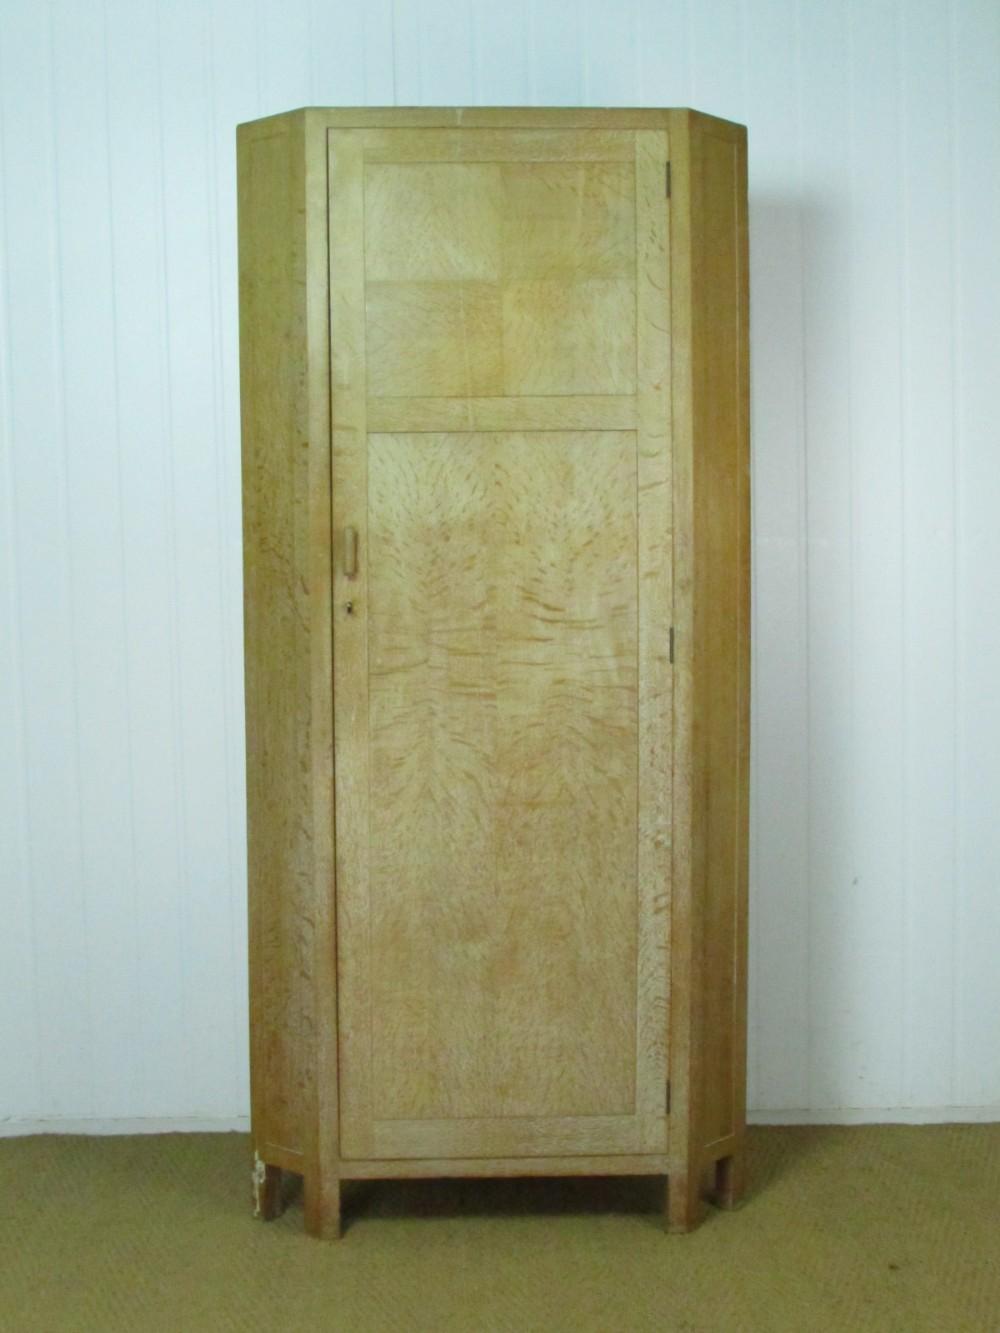 heal's limed oak corner cupboard